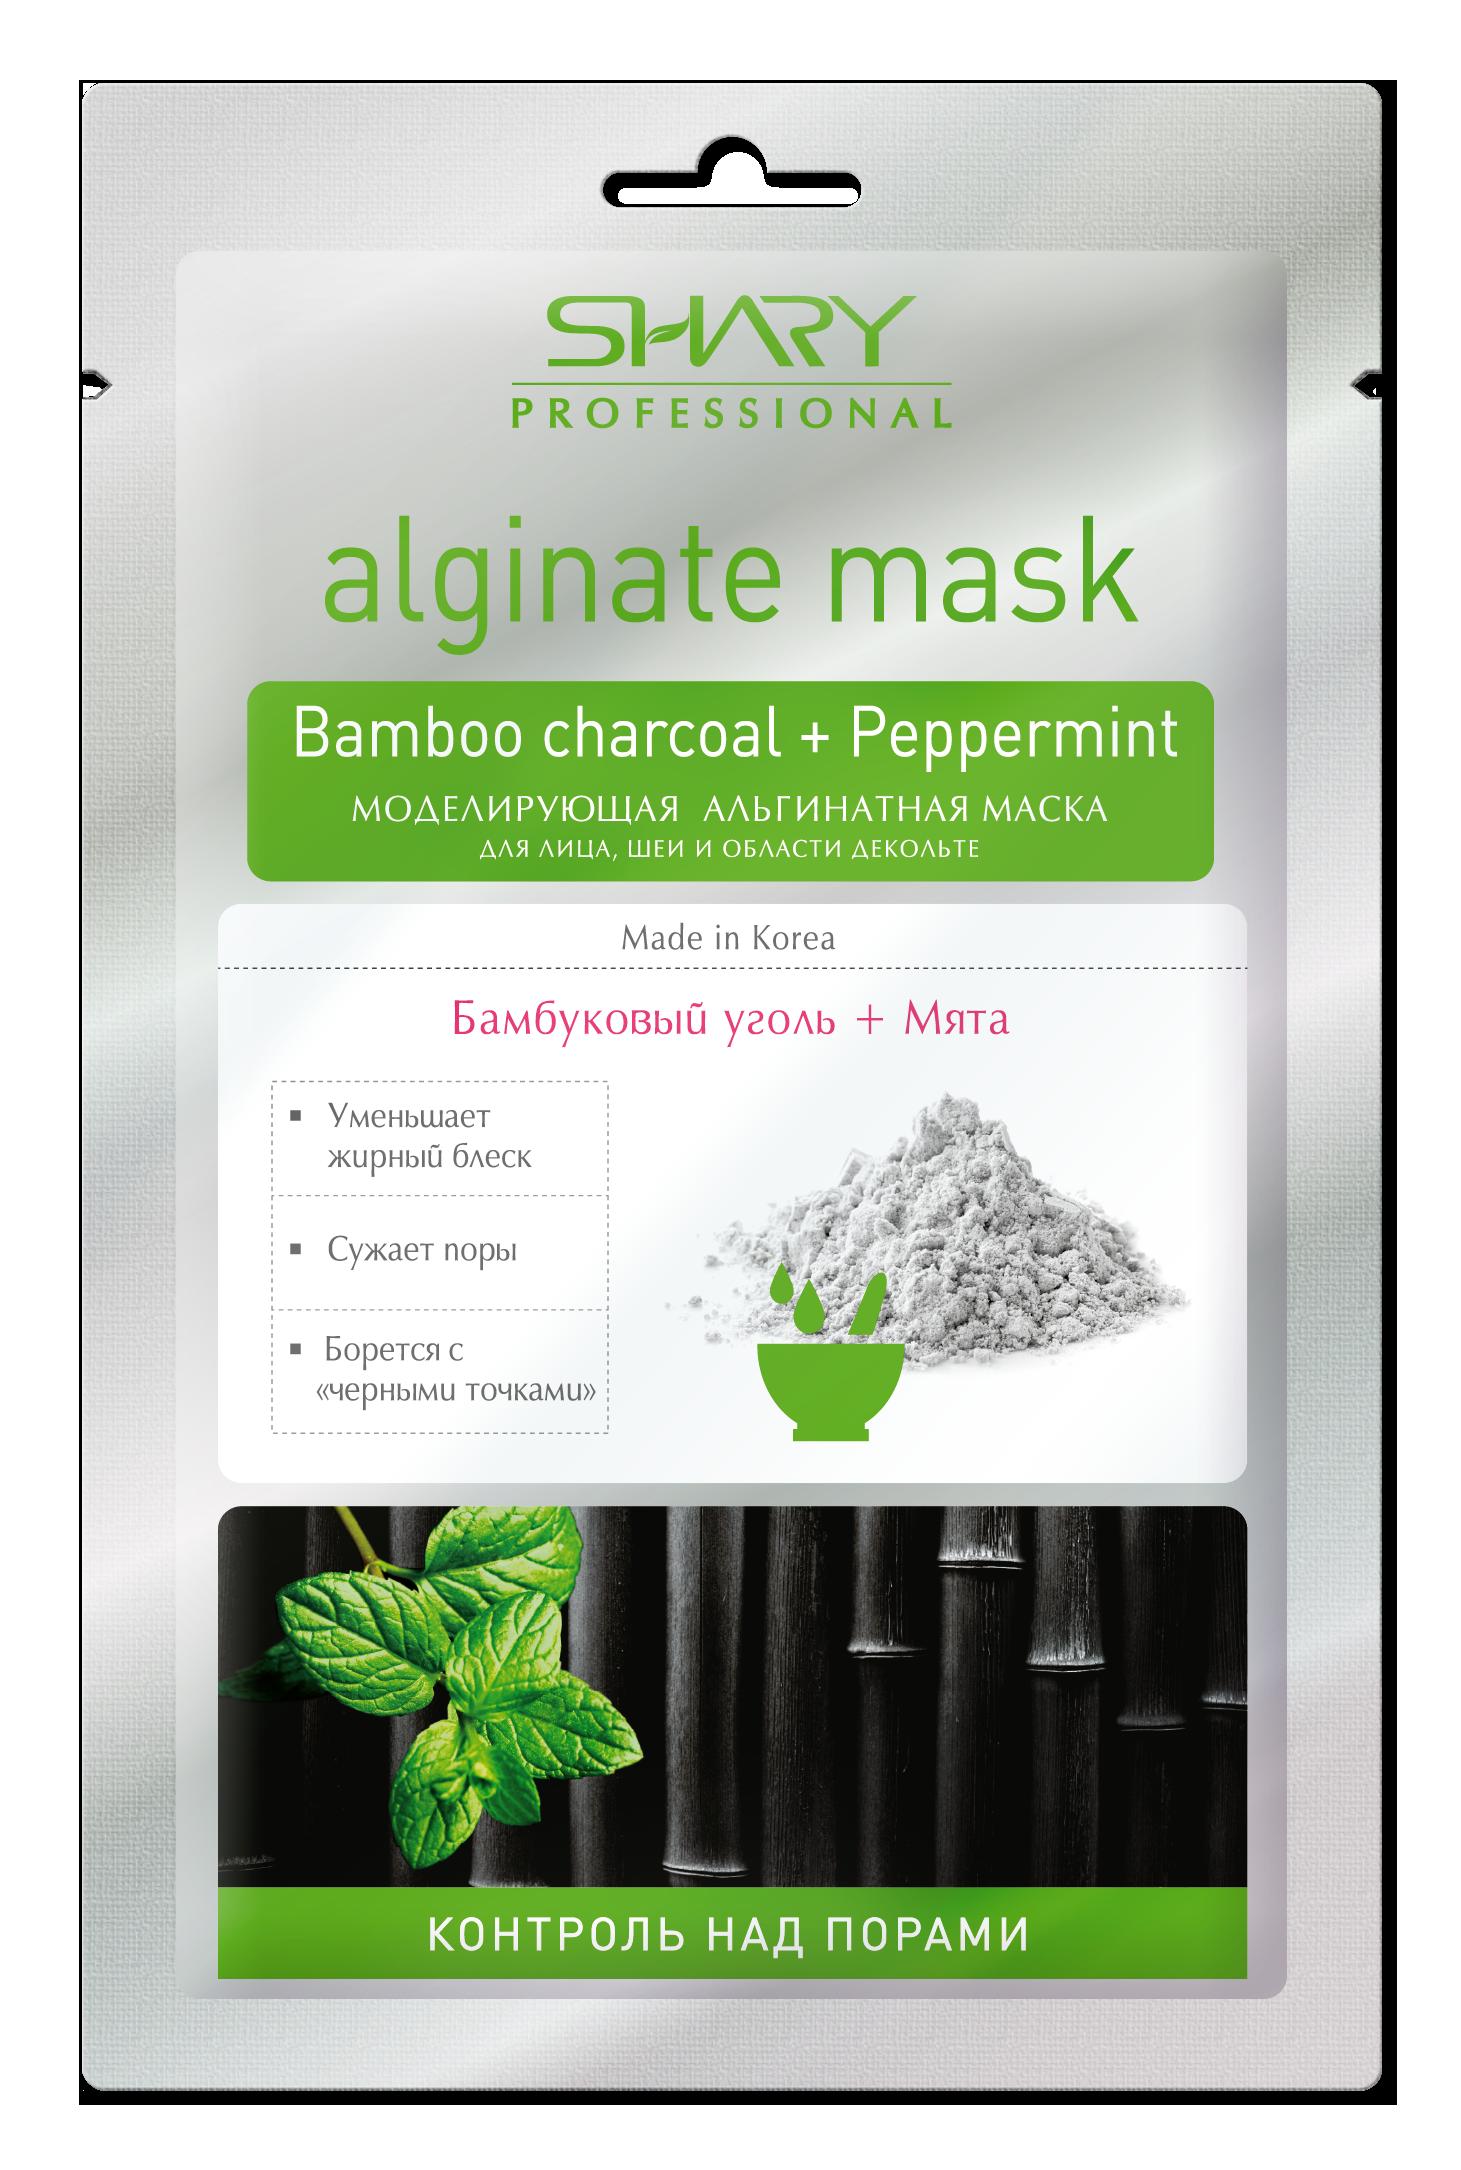 SHARY Маска моделирующая альгинатная SHARY professionsl Бамбуковый уголь+Мята / PROFESSIONAL 28 грМаски<br>Профессиональная альгинатная маска. Бамбуковый уголь + Мята. Моделирующая альгинатрая маска с бамбуковым углем и мятой глубоко очищает поры, абсорбируя излишки себума и загрязнений, прекрасно освежает, помогает бороться с  черными точками  и другими несовершенствами. Маска идеально матирует кожу, сужает расширенные поры и выравнивает цвет лица, придавая ему здоровый отдохнувший вид. Альгинат (морской)   это уникальный биокомпонент, получаемый из бурых водорослей. Он обладает поразительным свойством пластифицироваться, то есть превращаться в эластичный гель, который плотно обволакивает кожу и обеспечивает максимально глубокое проникновение активных компонентов. Альгинатные маски кардинально преображают кожу уже после первого применения, поэтому они столь популярны в профессиональных салонах красоты для процедур мгновенного лифтинга и подтяжки лица. Результат: чистая кожа без жирного блеска, расширенные поры сужены, матовая кожа потрясающе гладкая и нежная на ощупь. Активные ингредиенты. Состав: Diatomaceous Earth, Algin, Calcium Sulfate, Glucose, Sodium Bicarbonate, Hydrogenated Palm Kernel Oil, Charcoal Powder, Succinic Acid, Sodium Benzoate, Tetrapotassium Pyrophosphate, Mentha Piperita (Peppermint) Oil, Allantoin, Magnesium Carbonate, Citric Acid, Cellulose Gum, Fragrance, CI77499, Ascorbic Acid. Способ применения: содержимое пакетика развести холодной водой до консистенции густой сметаны без комочков (70-80 мл или 5-6 ст. ложек). Маска очень быстро застывает, поэтому применять ее нужно сразу после смешивания. Широкой плотной кистью или лопаточкой нанести маску толстым слоем (3-4 мм) на очищенную кожу лица, шеи и области декольте. По желанию можете оставить губы и зоны вокруг глаз открытыми или также нанести маску, оставив только ноздри. Через 20-25 минут снимите маску одним пластом ( чулком ) снизу вверх, предварительно смочив ее края водой. Удалите остатки 